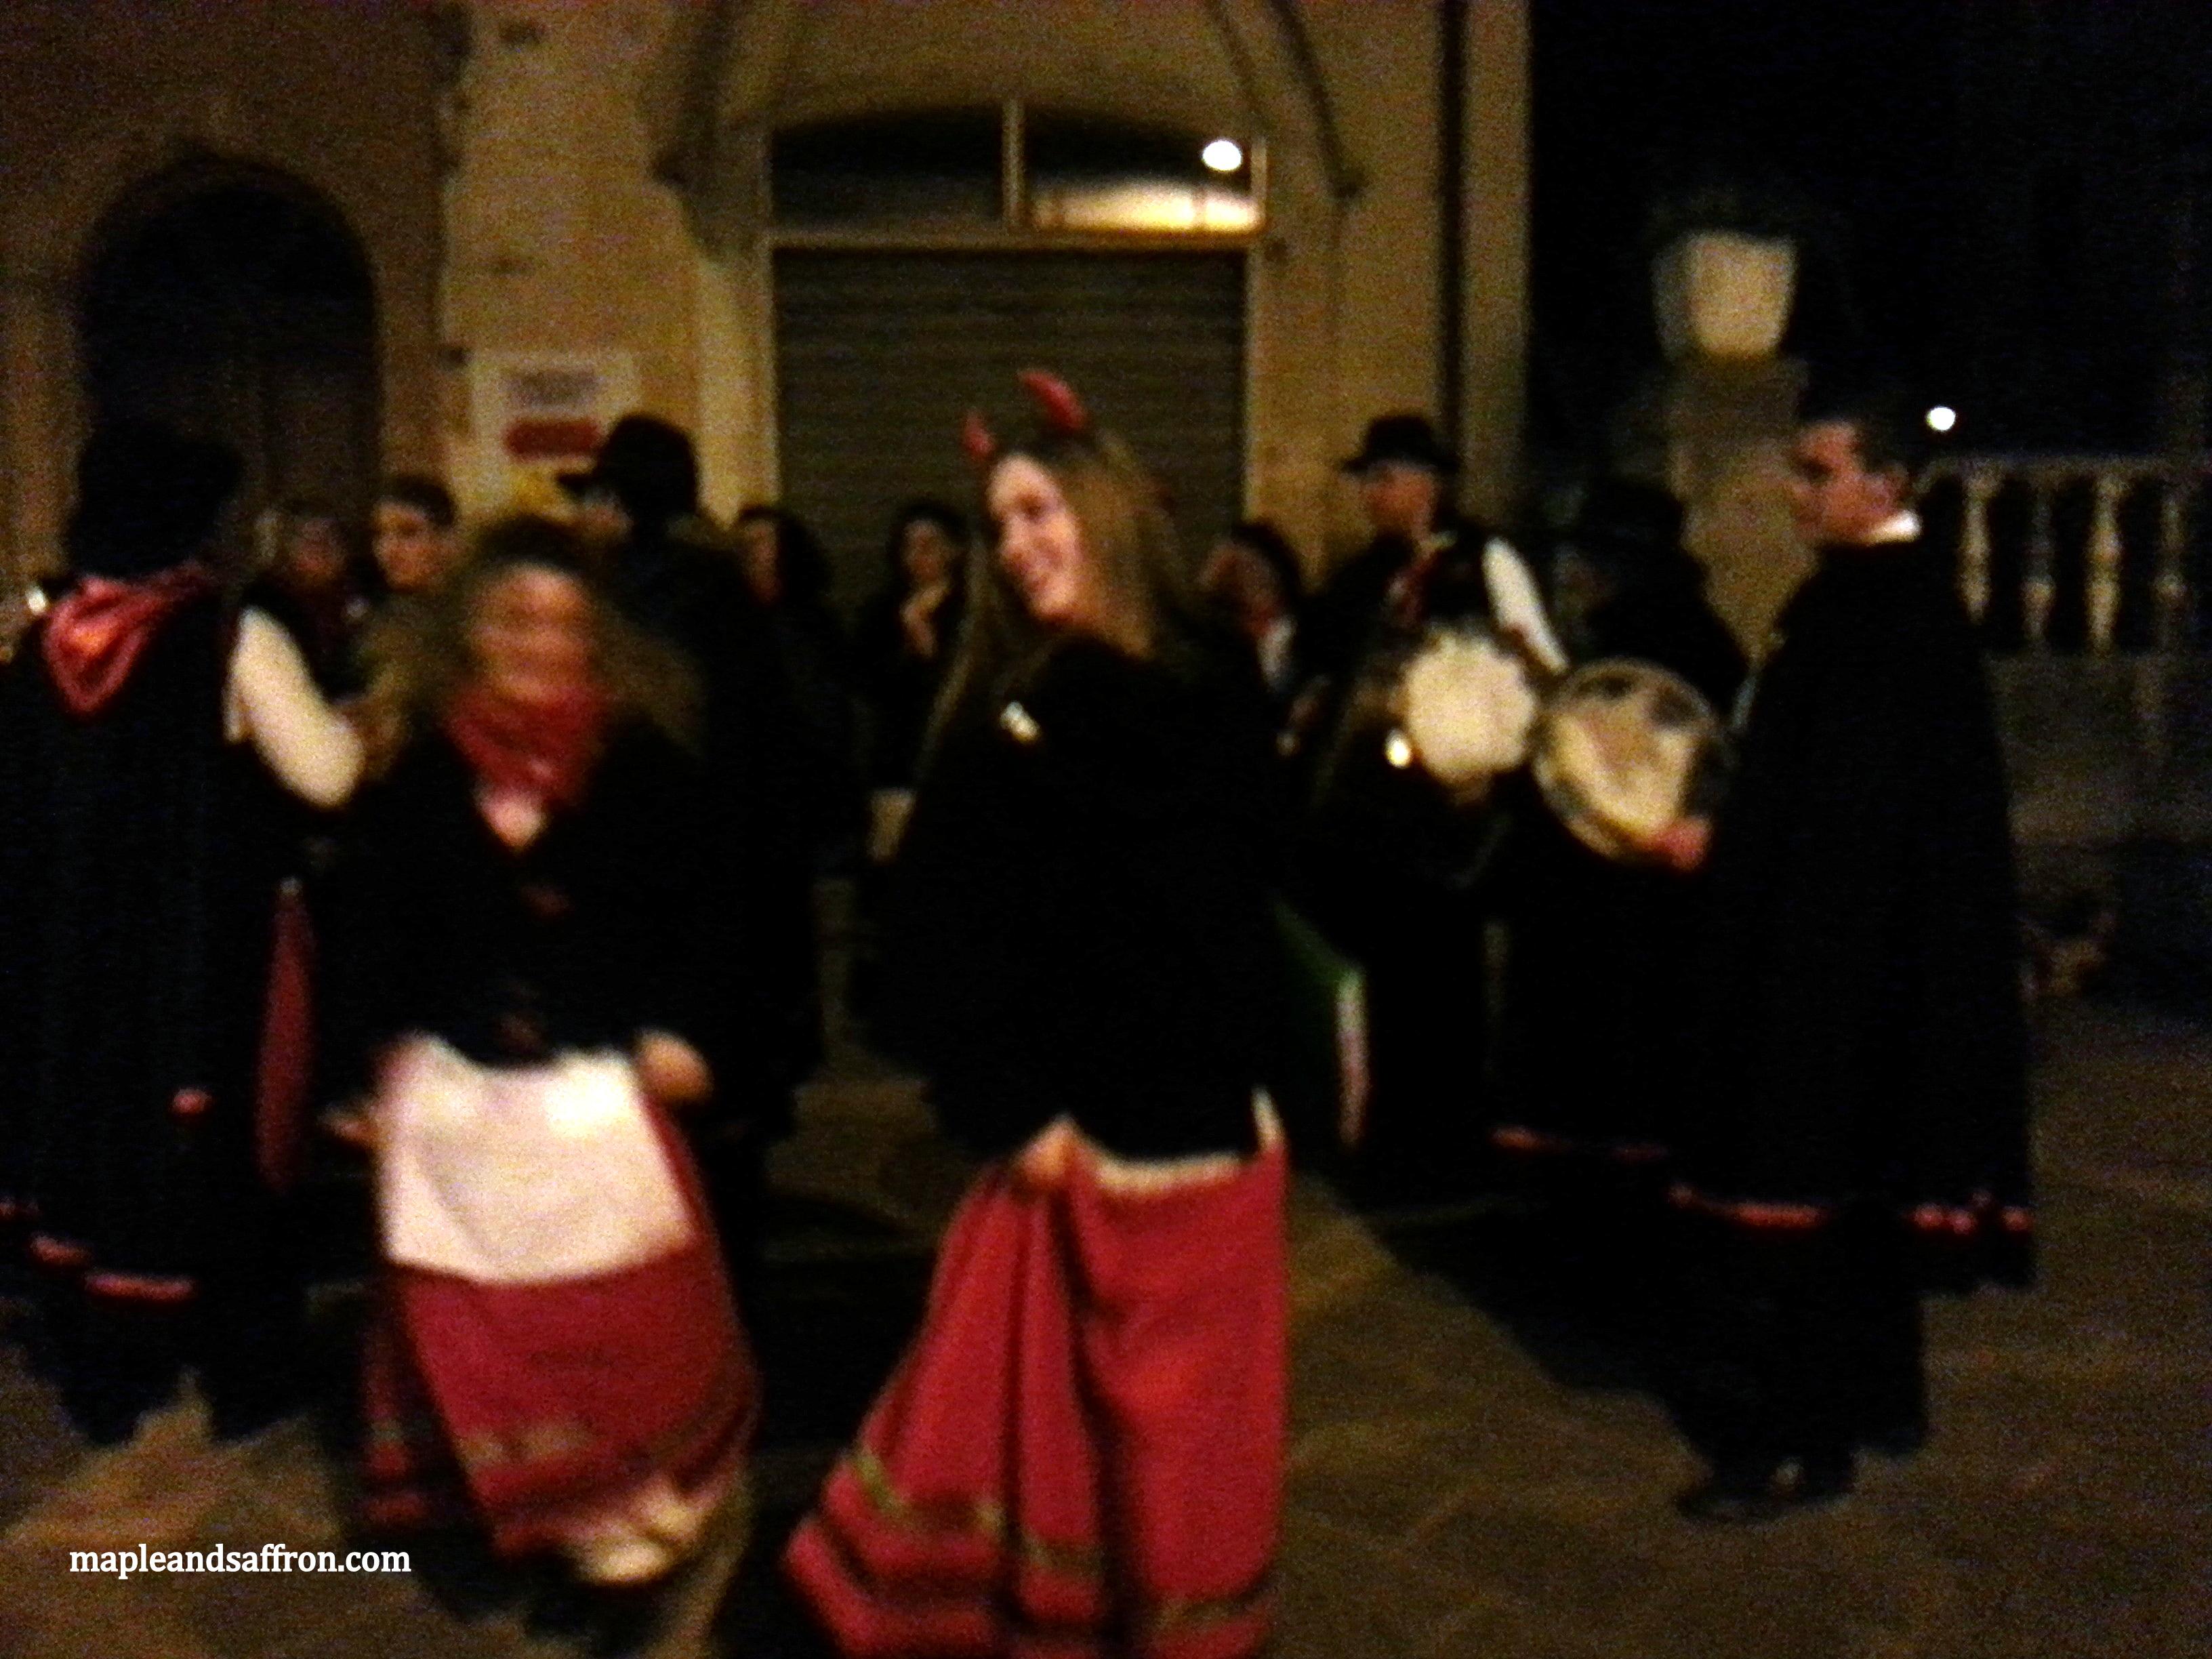 Girls dancing during Santantoniari's performances